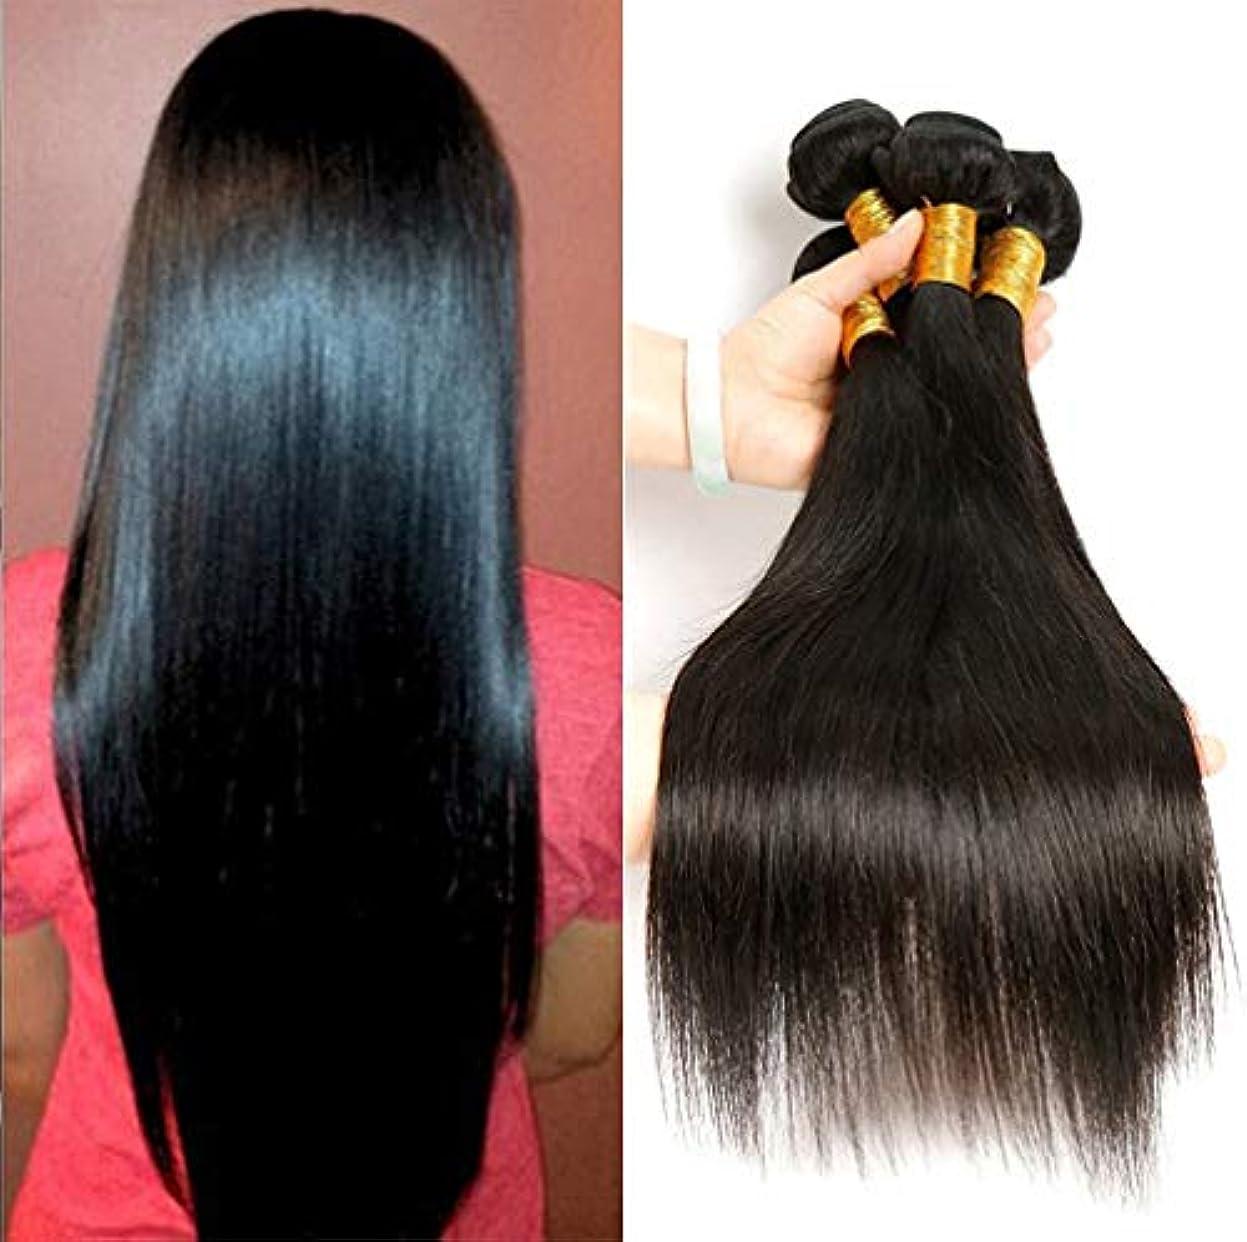 外部上級無一文ブラジルのストレートヘアー女性の髪織り密度150%織り100%未処理のバージン人毛エクステンション